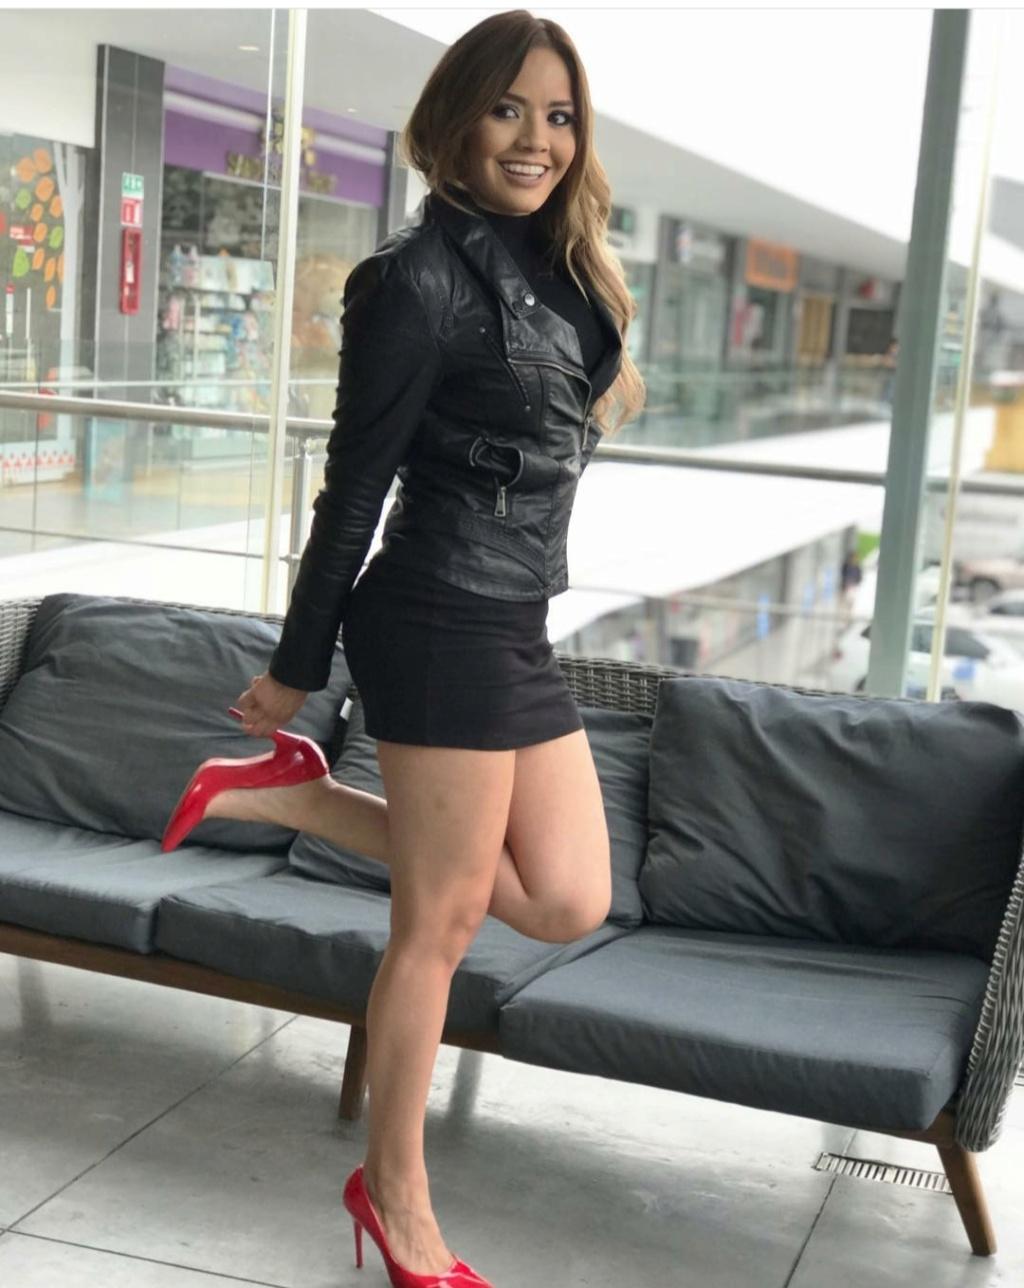 DEBATE sobre belleza, guapura y hermosura (fotos de chicas latinas, mestizas, y de todo) - VOL II - Página 3 Img_2488